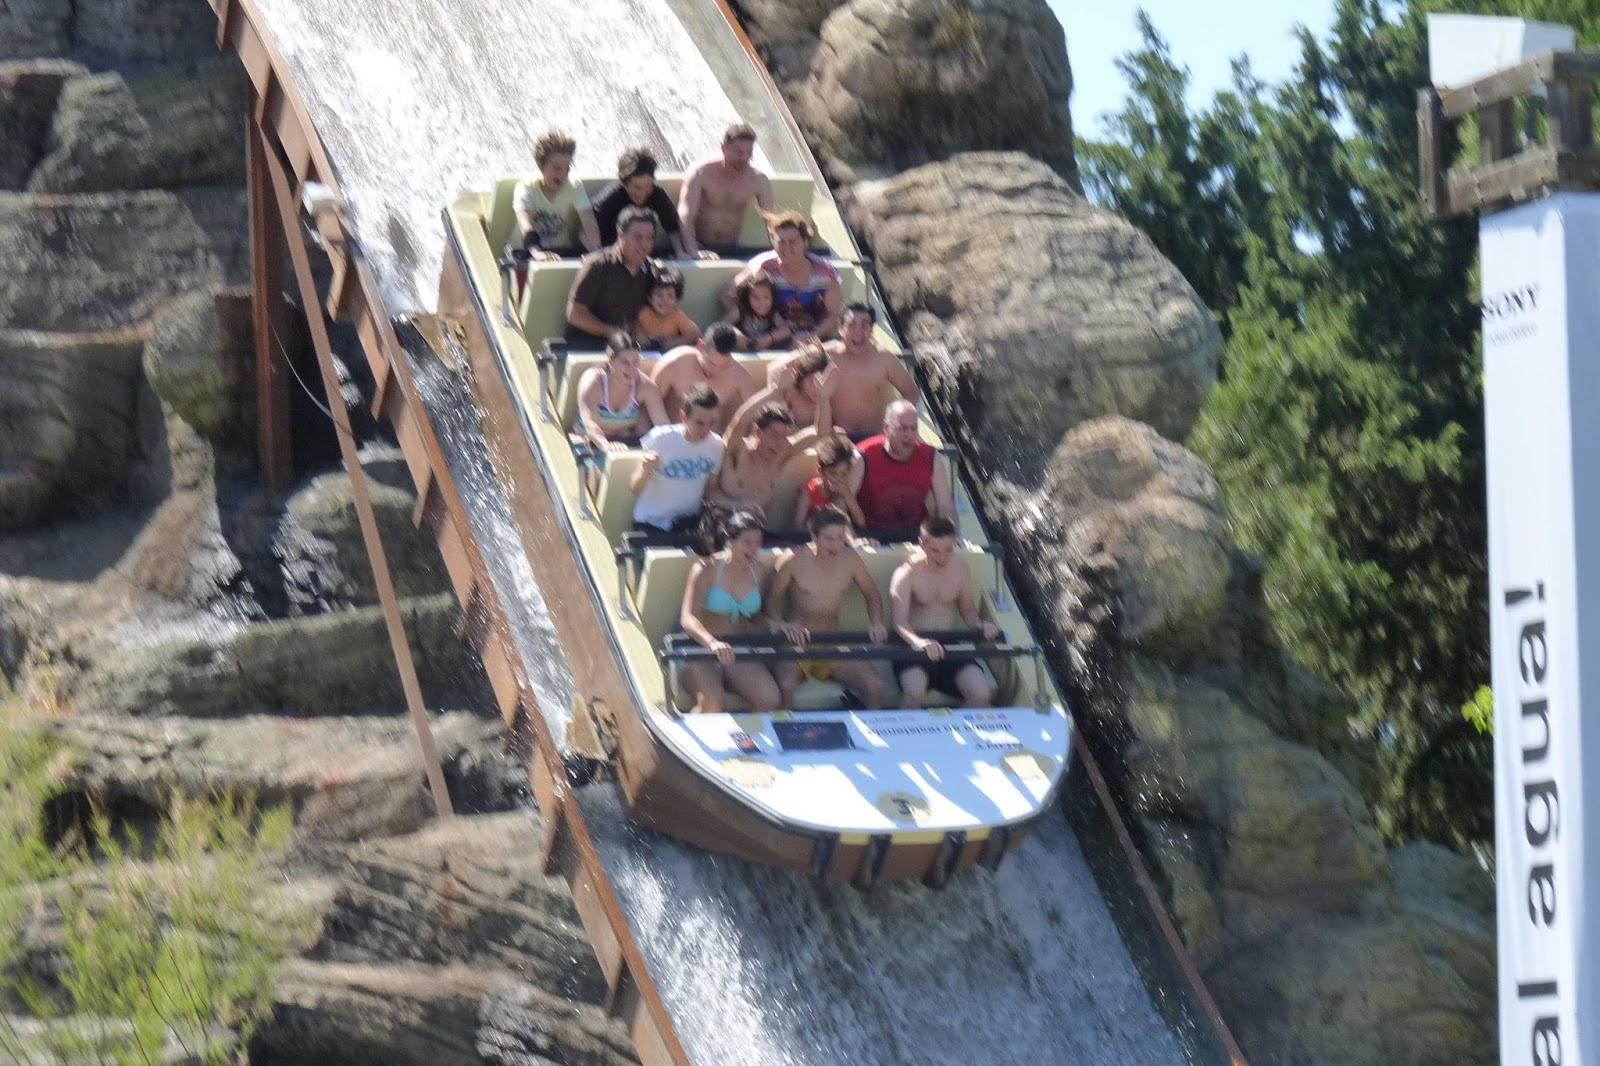 Los Fiordos-Parque de Atracciones de Madrid.